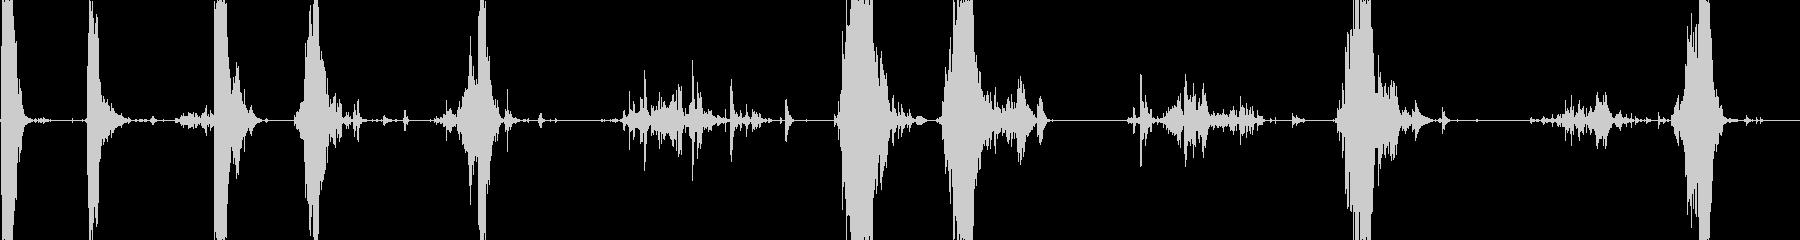 金属チェーンの動きとドロップ、高音...の未再生の波形